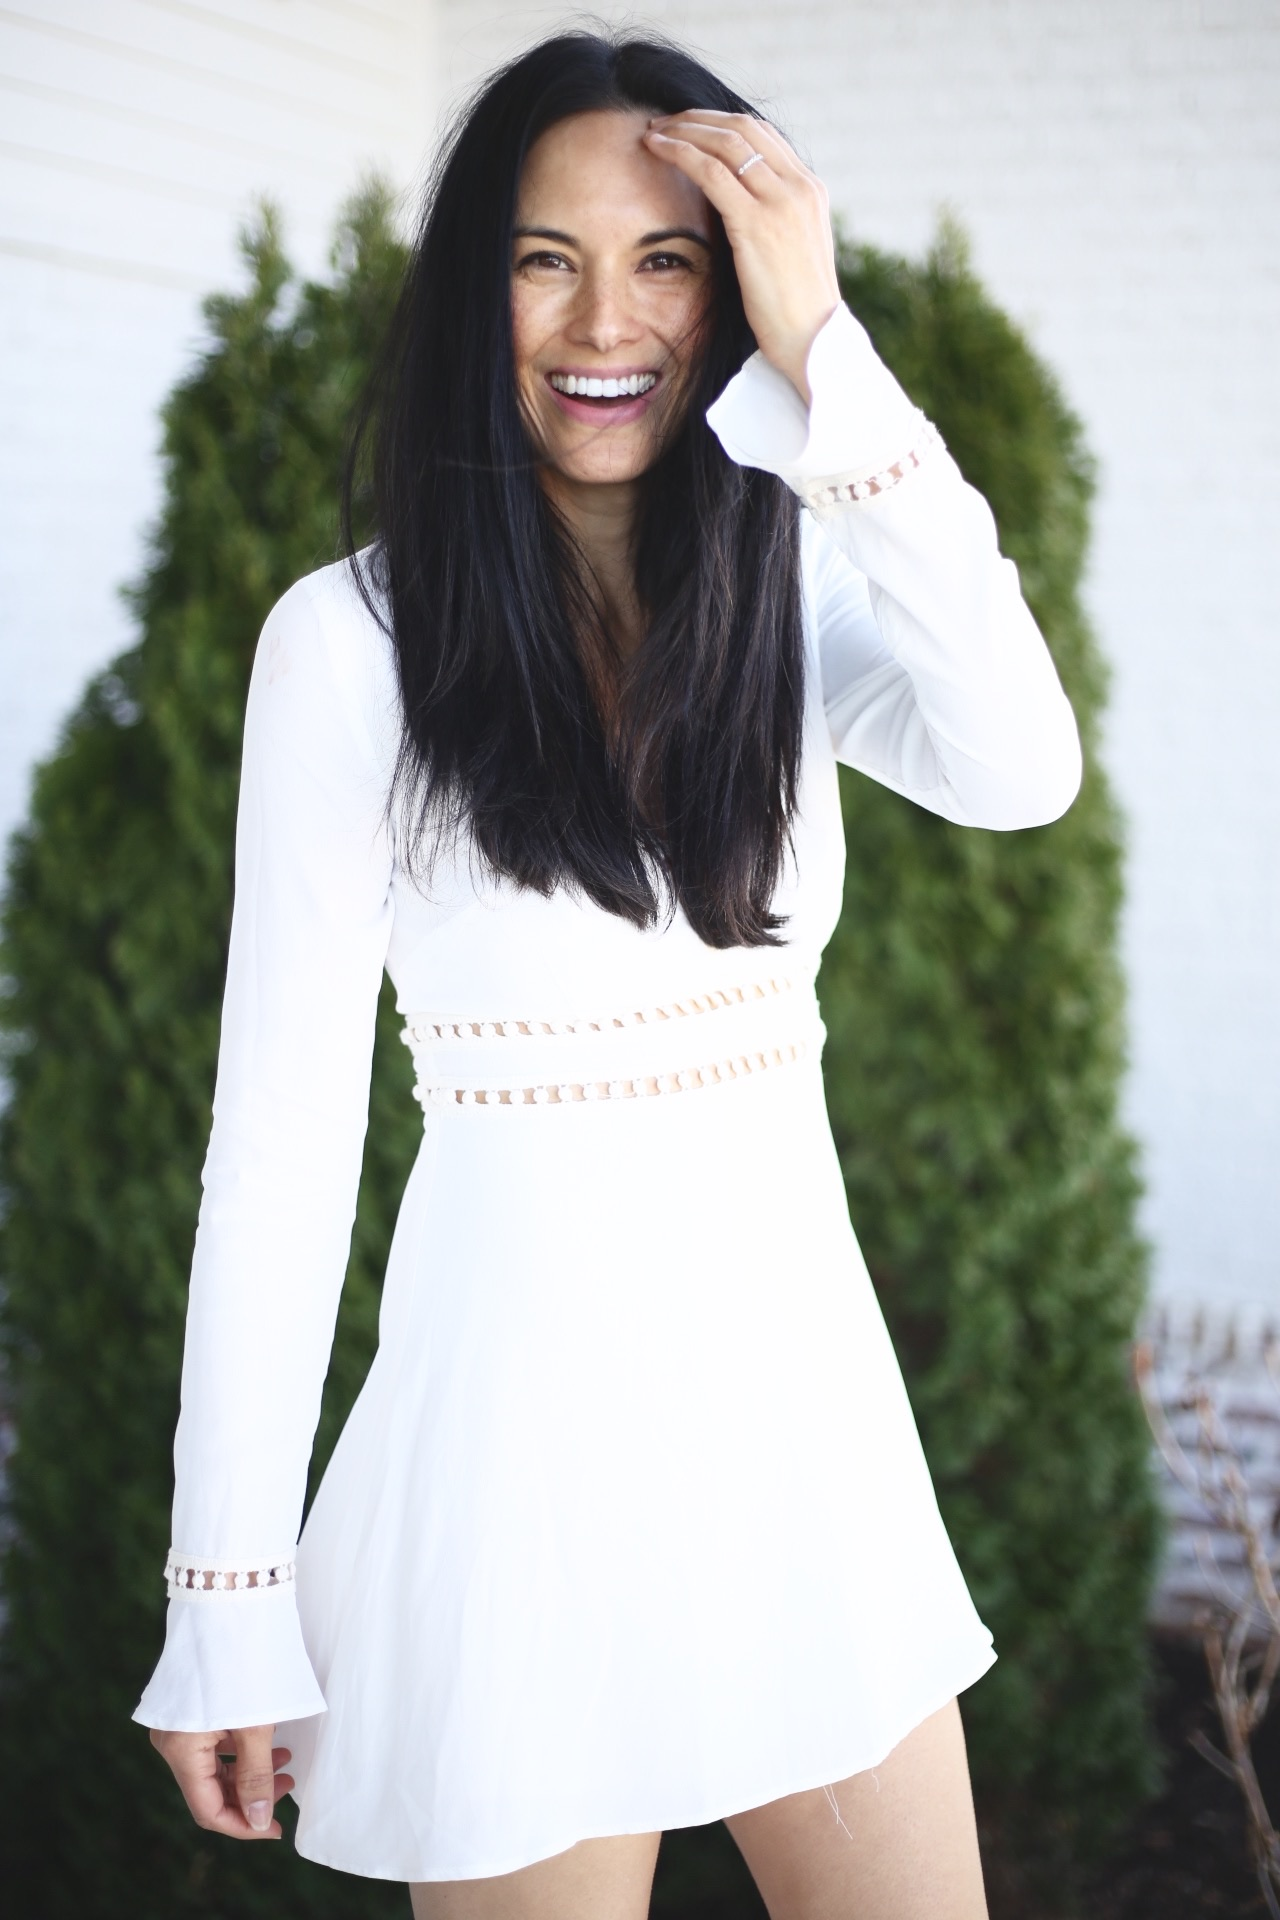 roe + may  dress  | Image: Sydney Clawson |